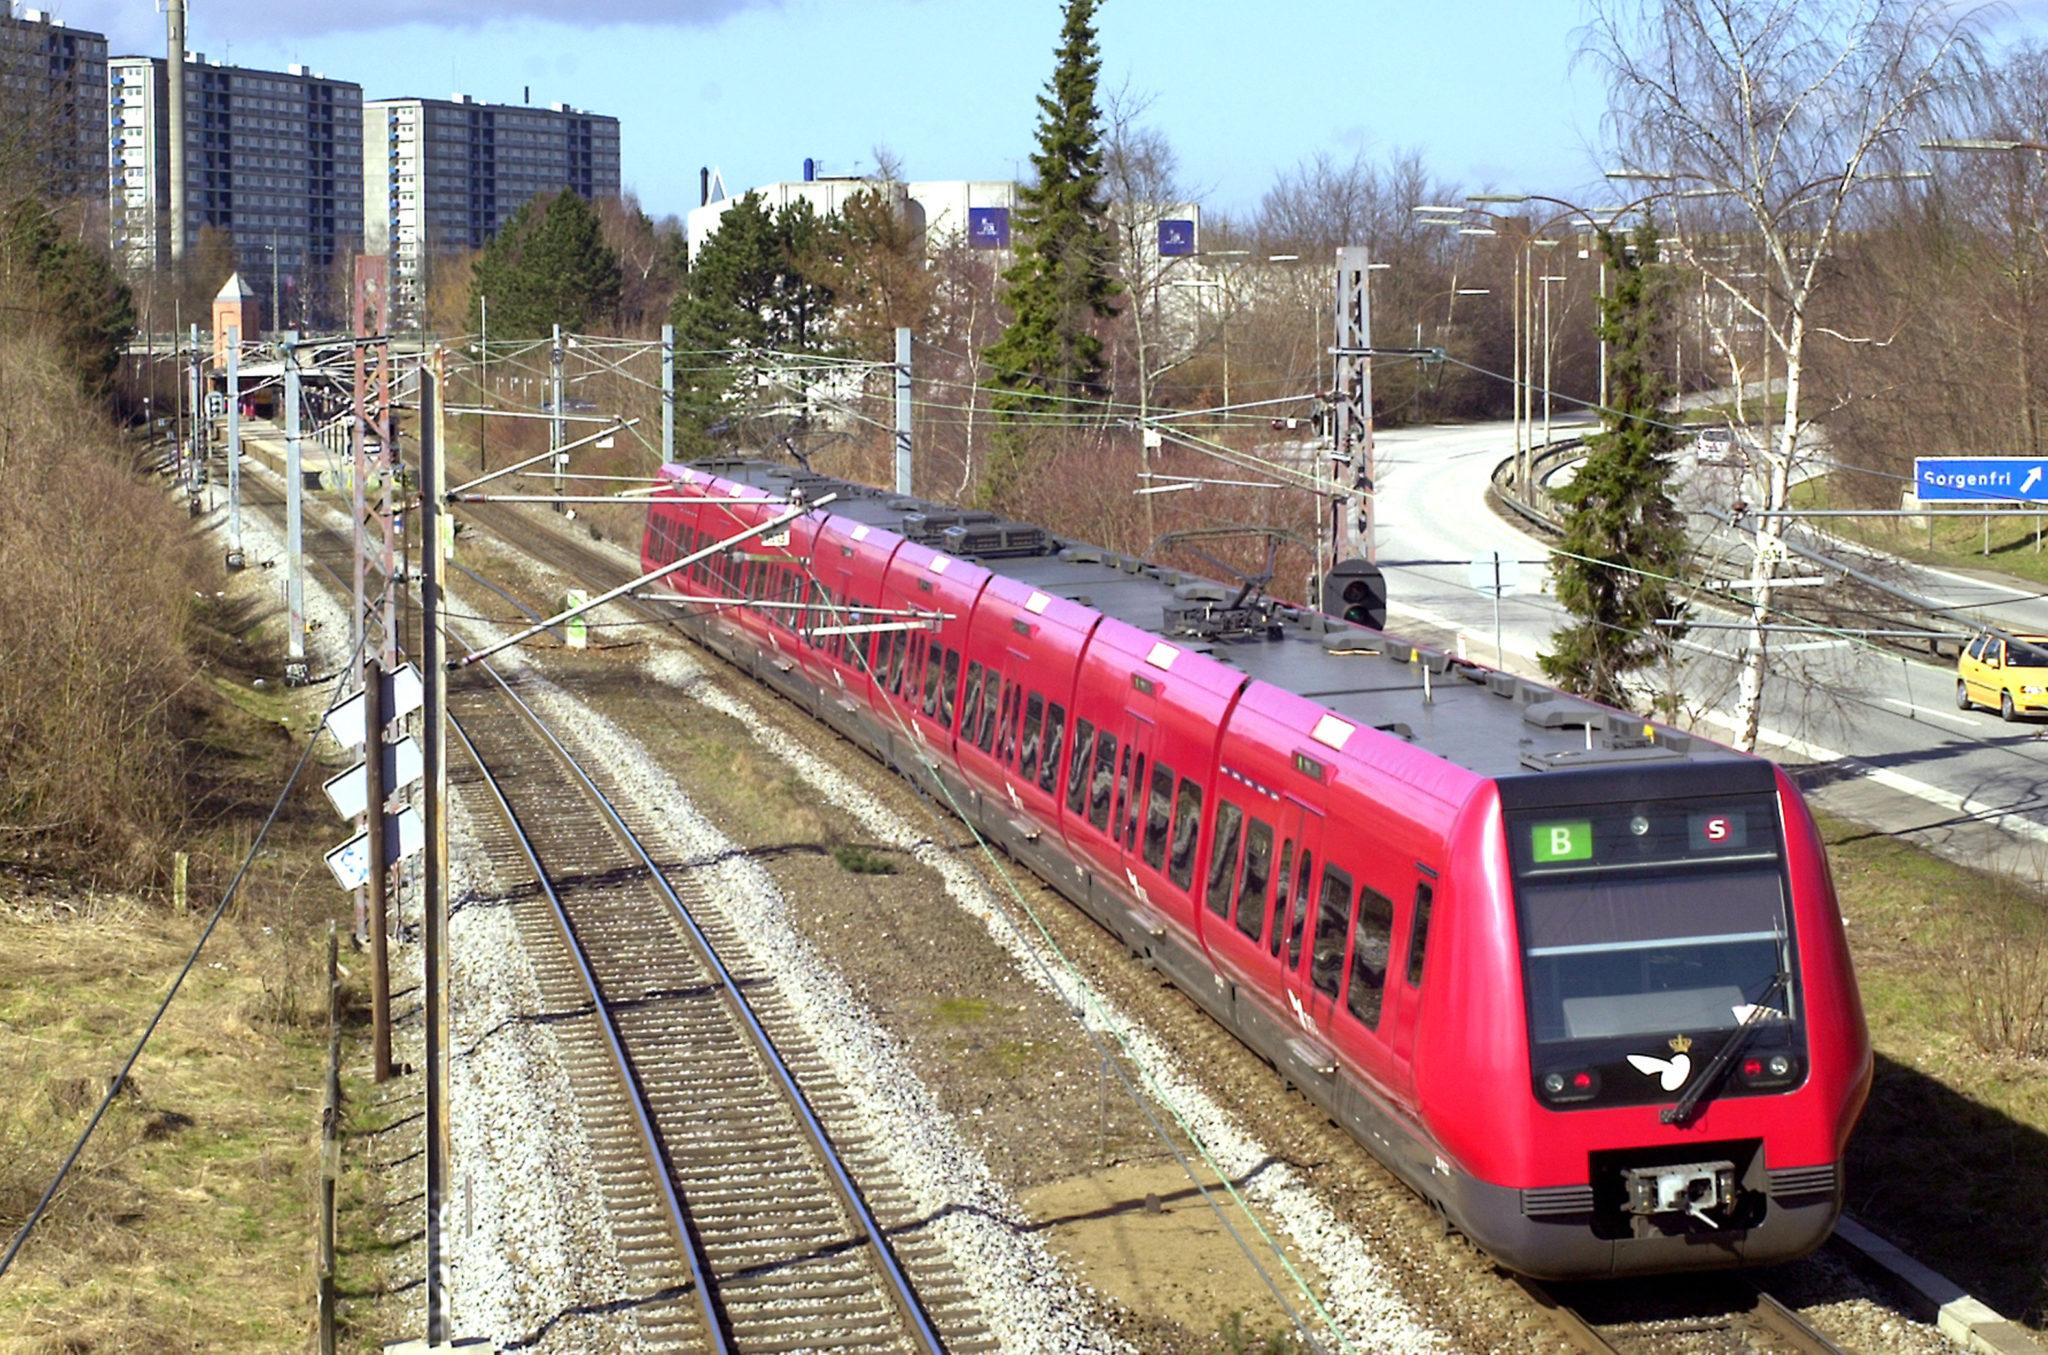 DSB S-tog. 4. generations S-tog ved Sorgenfri. Foto: René Strandbygaard.